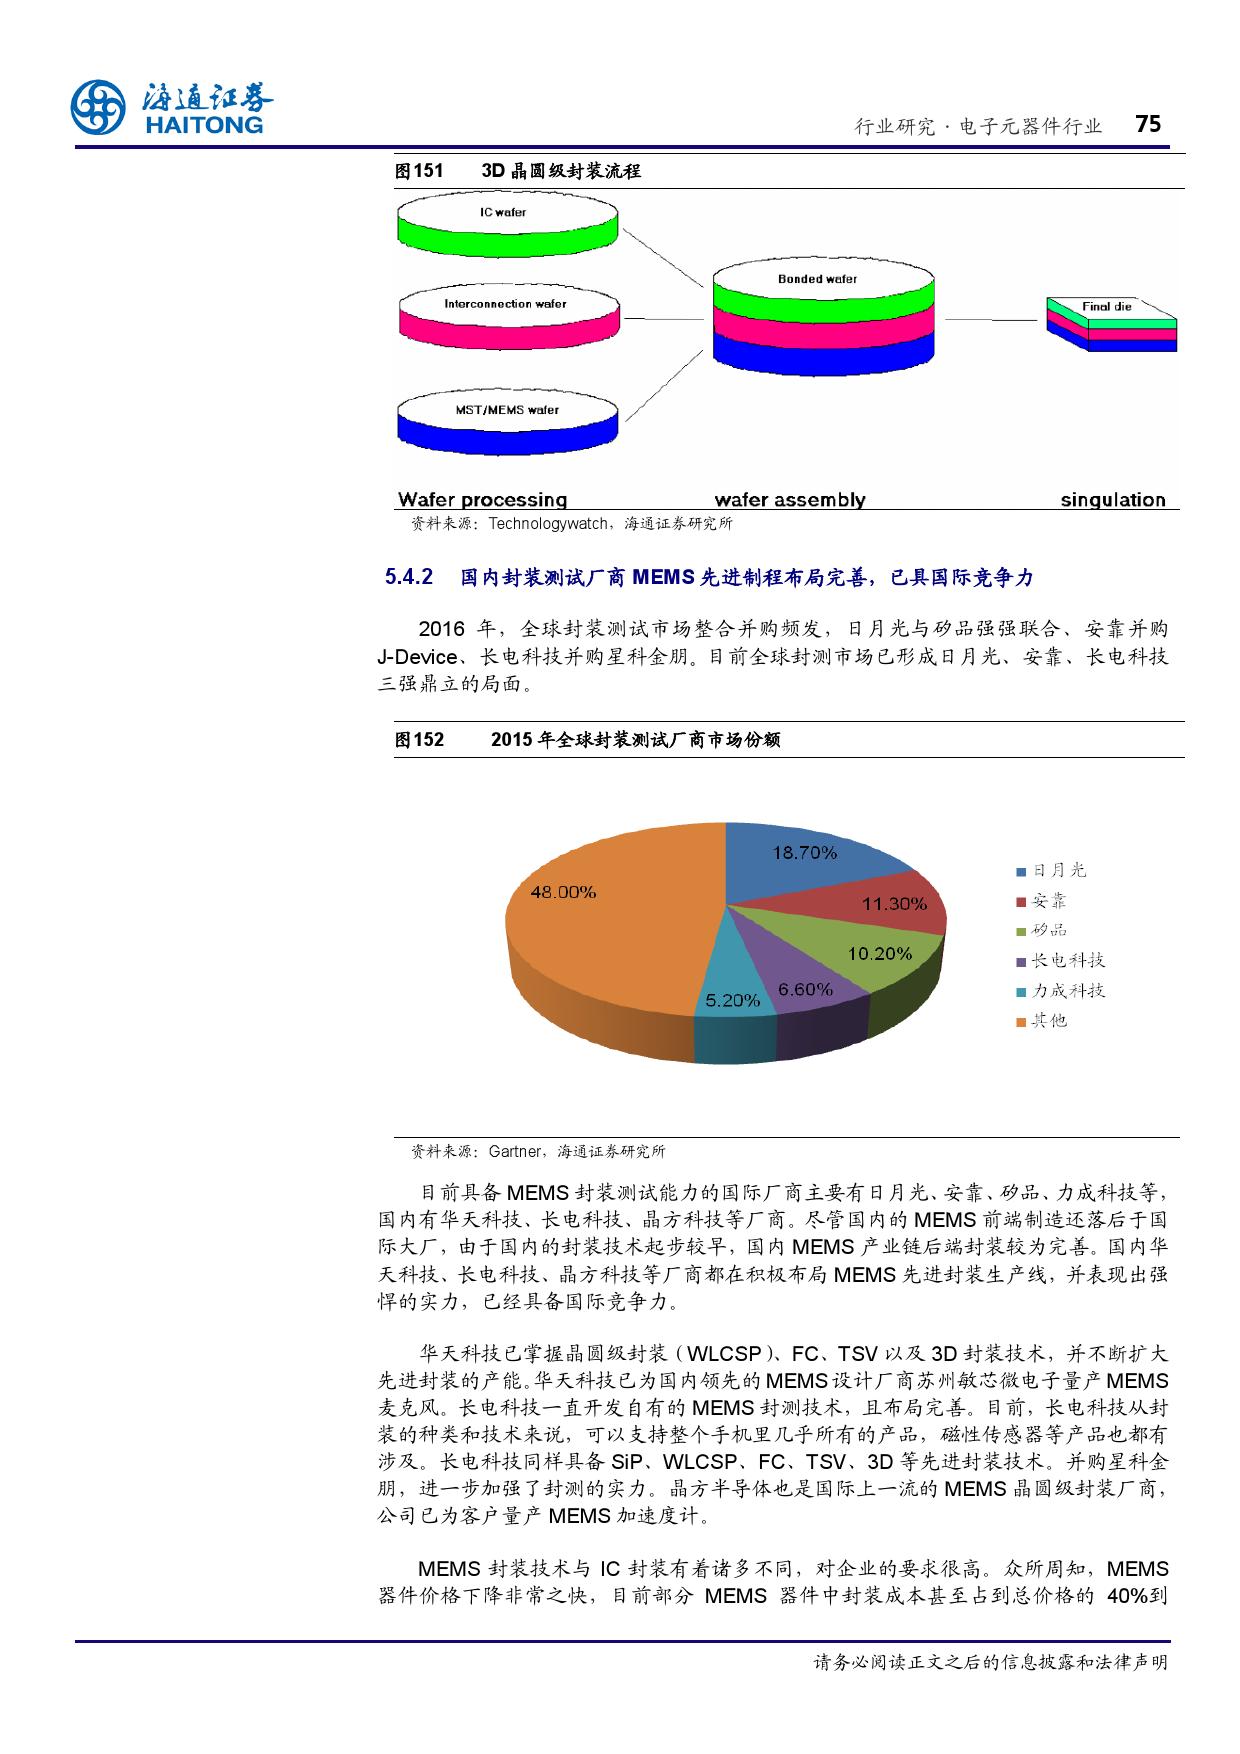 报告全解传感器全球产业链_000075